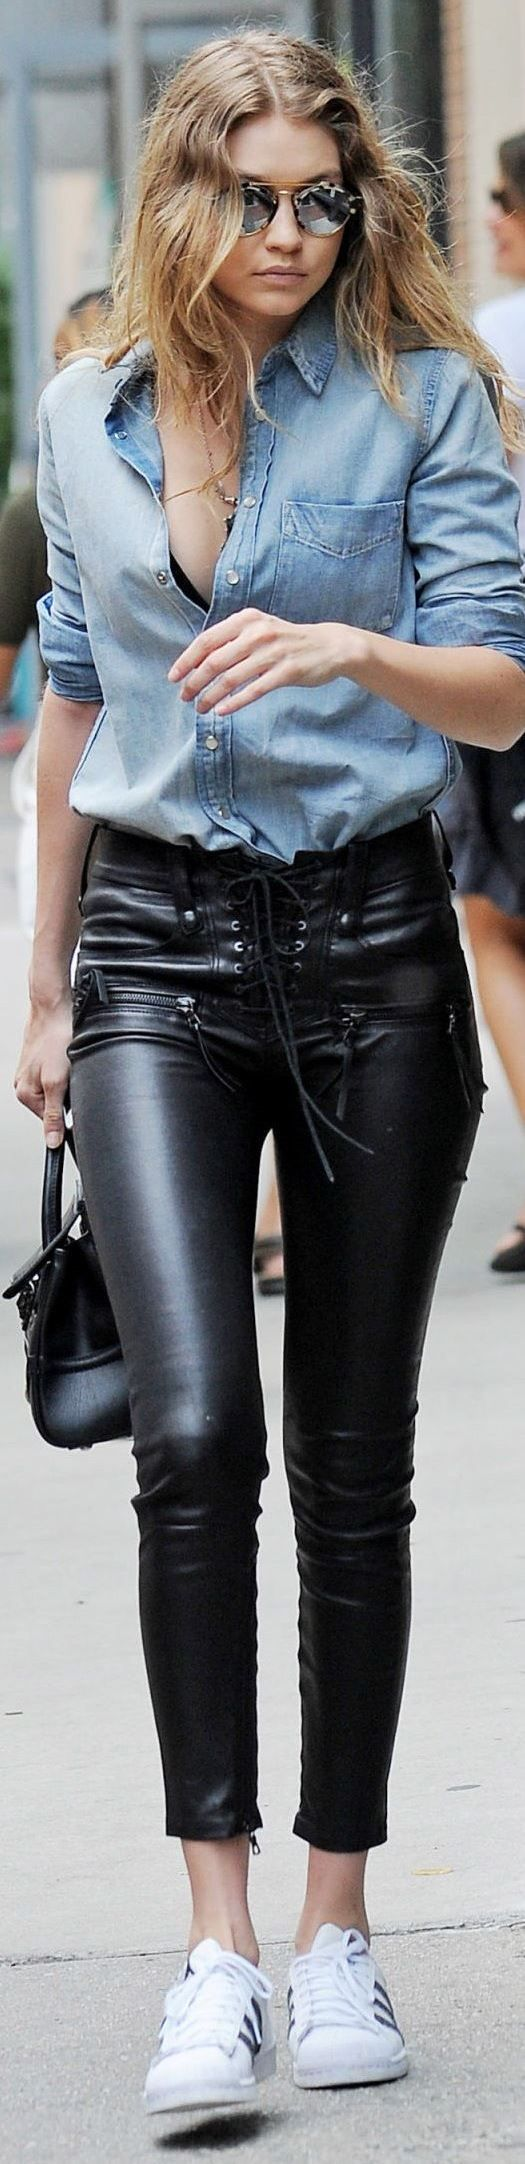 trendy look | denim shirt + bag + leather skinnies + sneakers